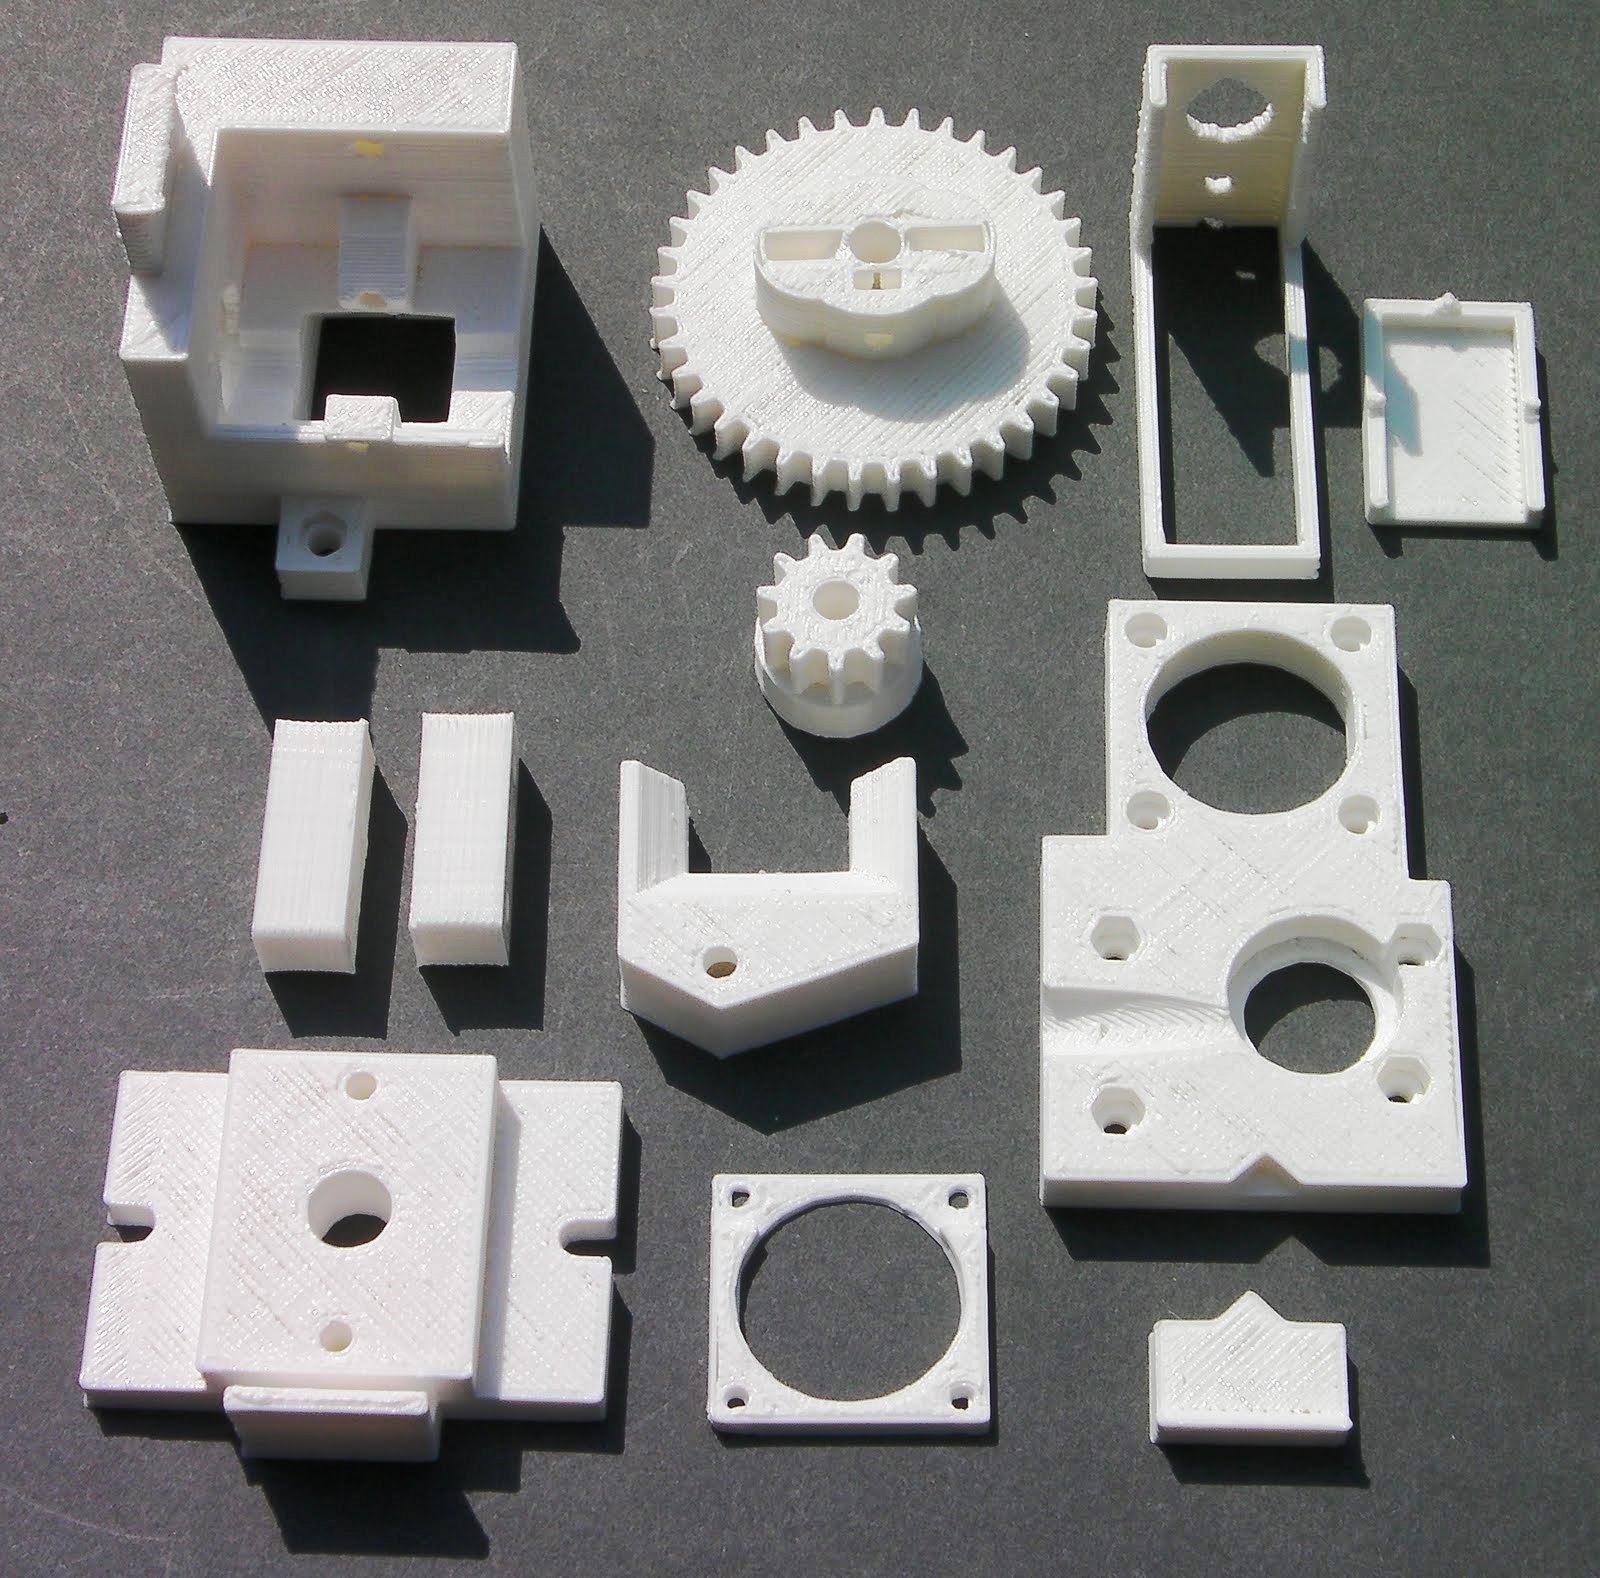 Услуги прототипирования с помощью 3D-принтера